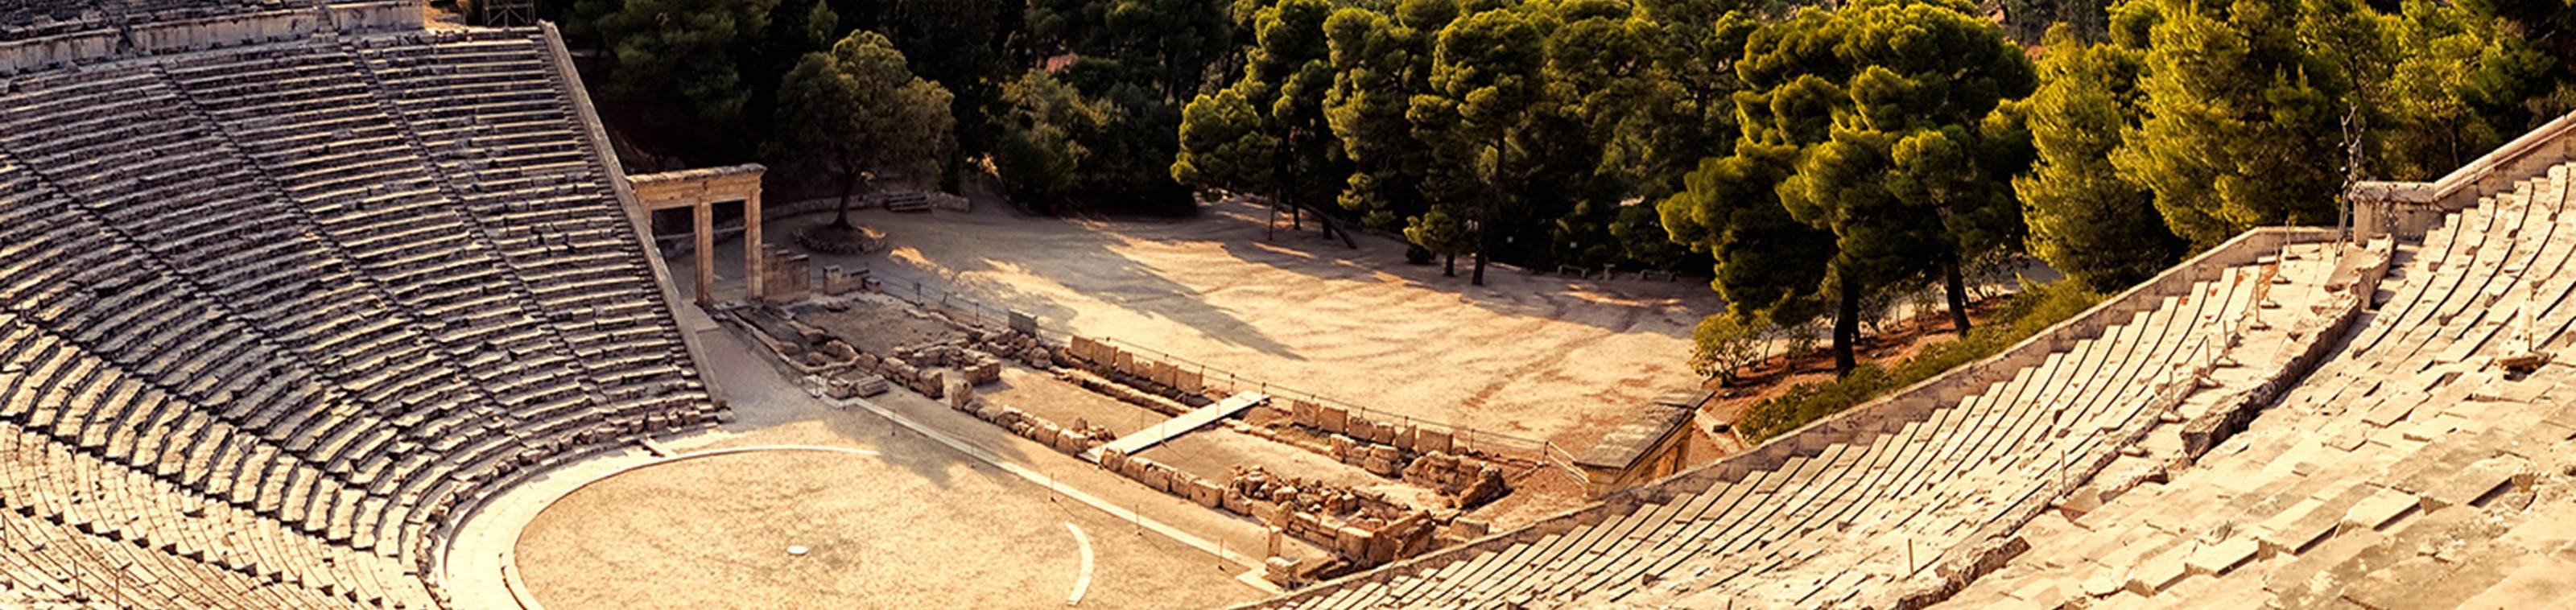 Rondreis langs de hoogtepunten van het Griekse vasteland